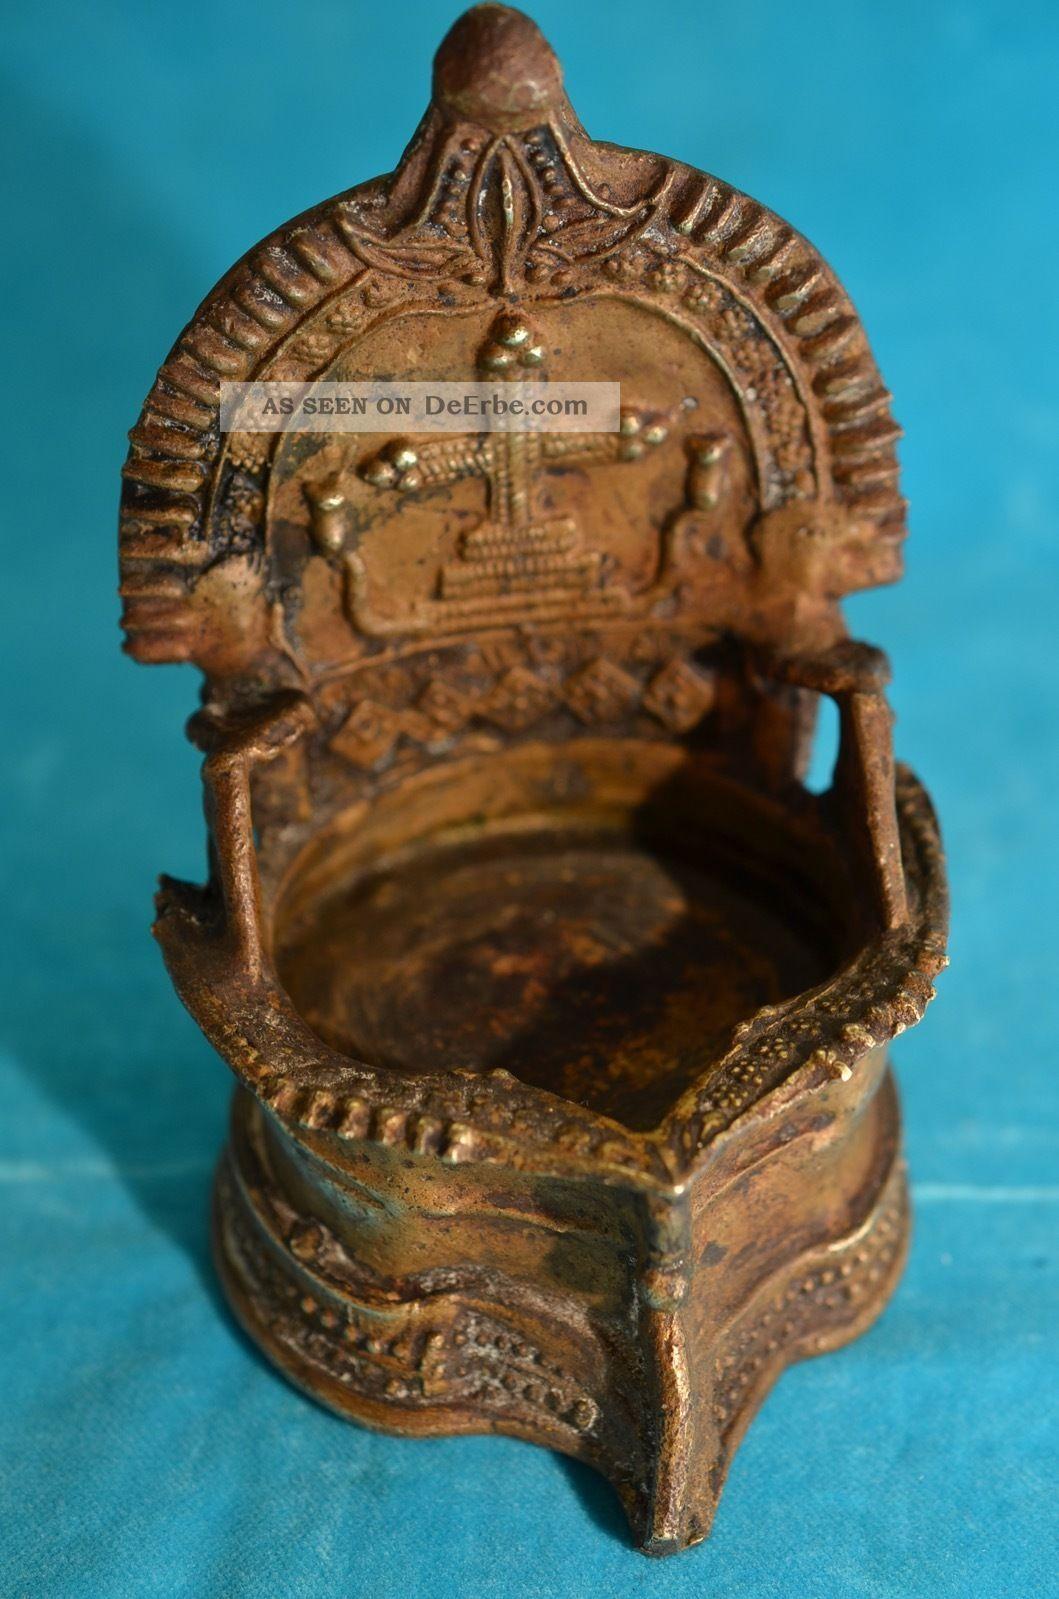 Antikes Bronze Weihbecken Weihwasserkessel Um 1900 Bronze Bild